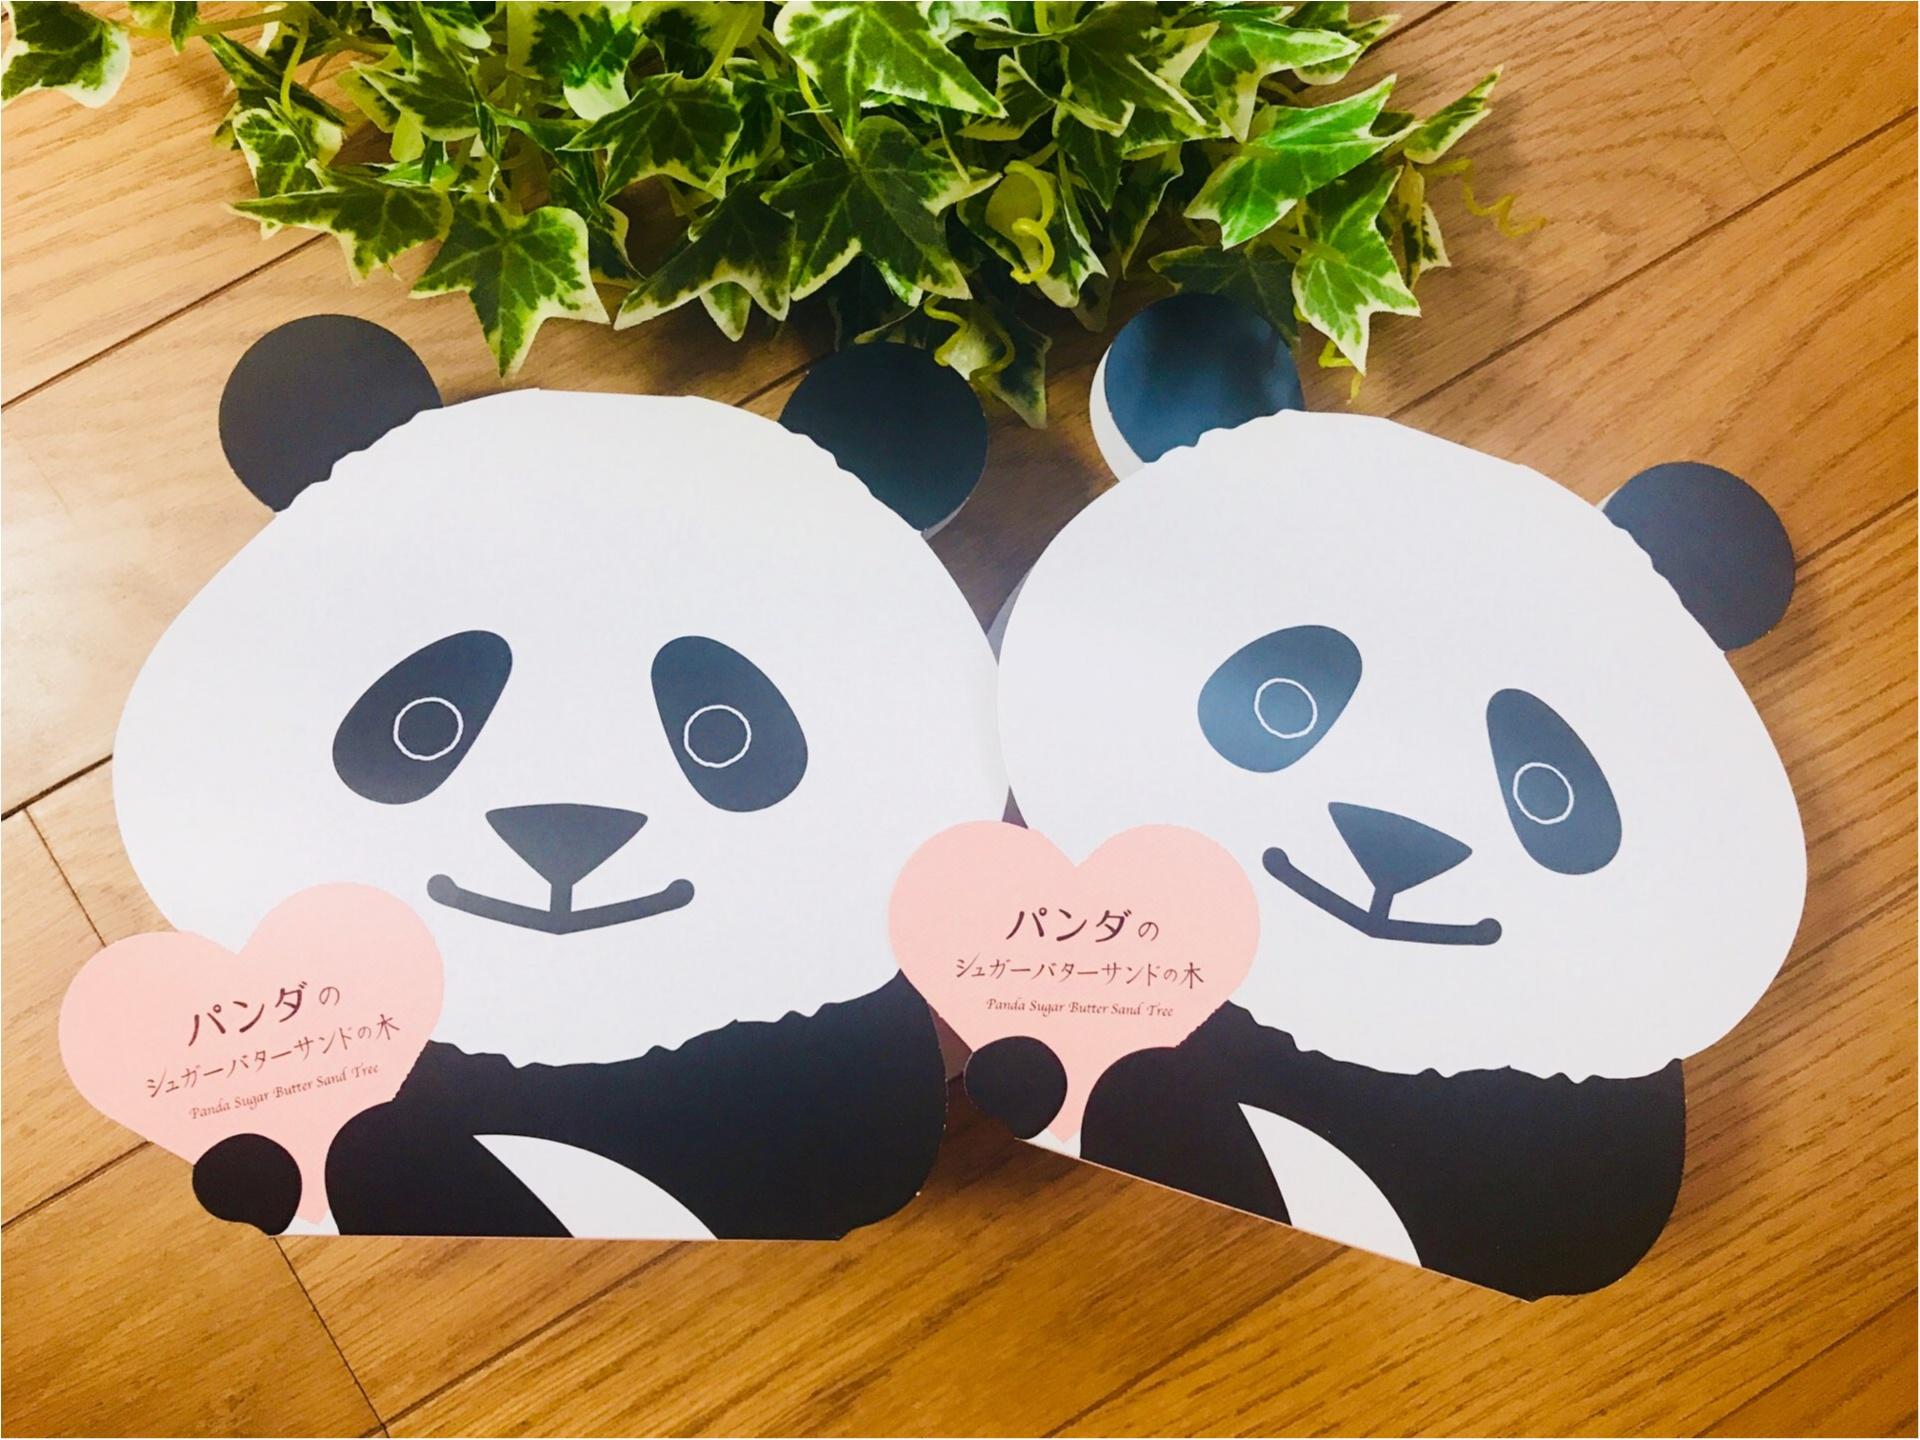 """【帰省土産】はコレで決まり!""""パンダ""""モチーフの《シュガーバターサンドの木》♡_3"""